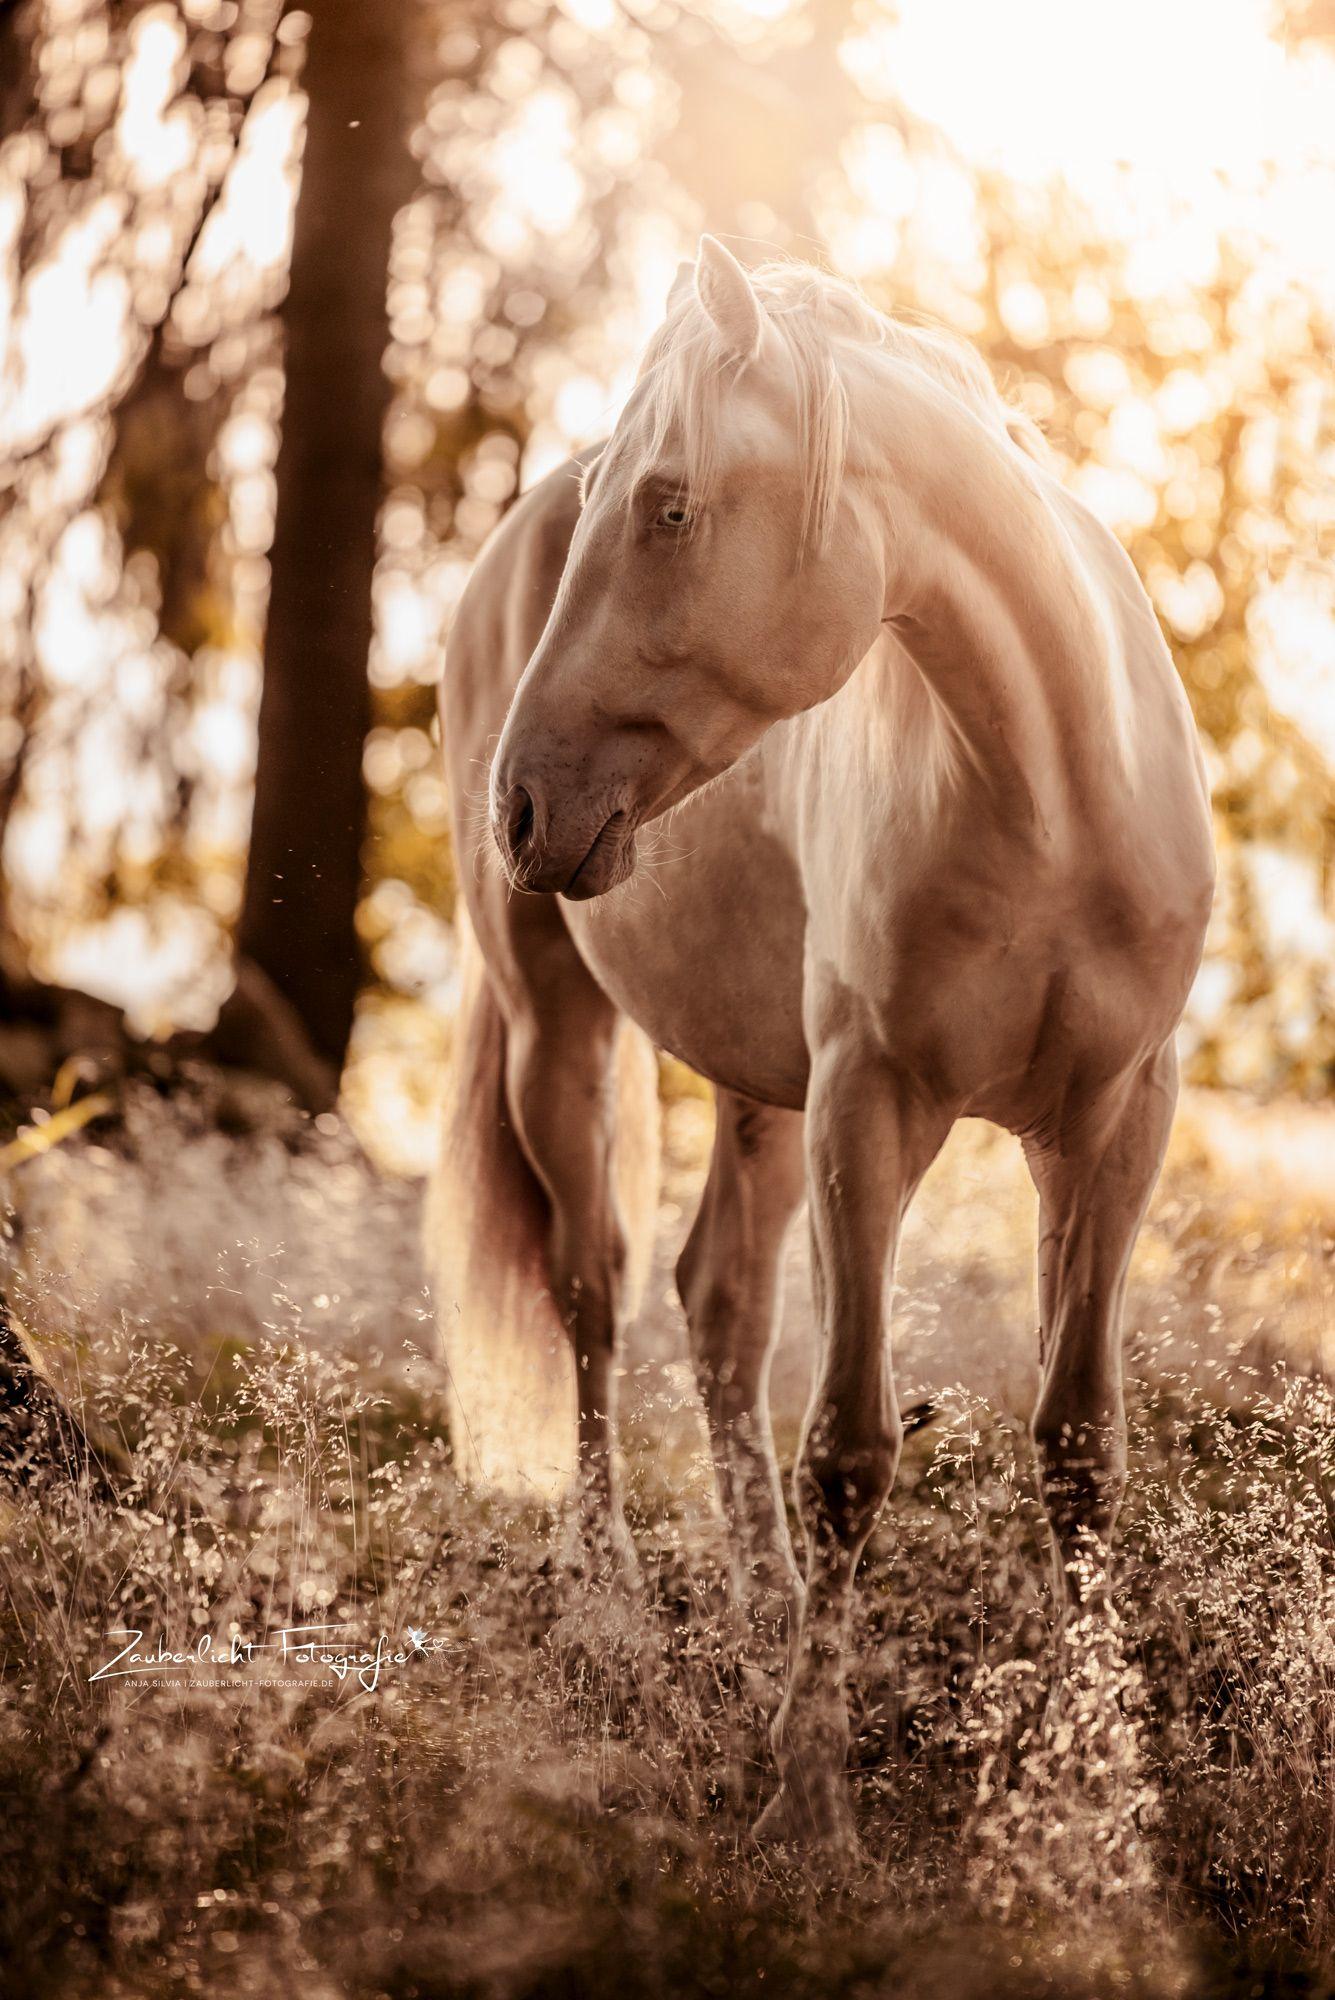 Zauberlicht Fotografie Pferde Fotografie Pferdefotografie Pferdefotos